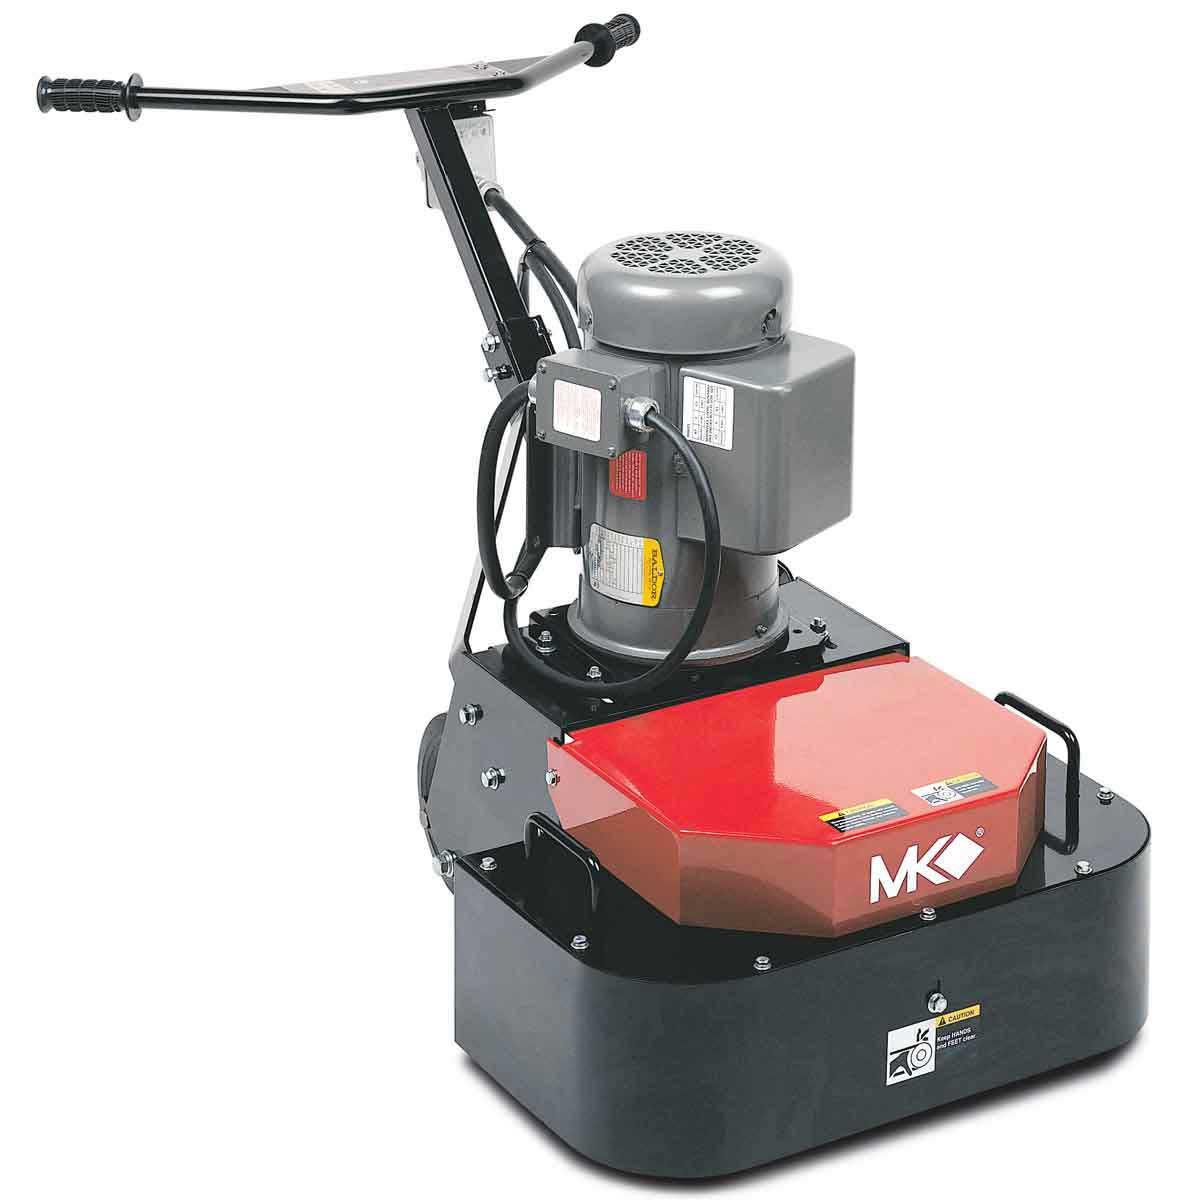 MK-DDG Double Disc Floor Grinder